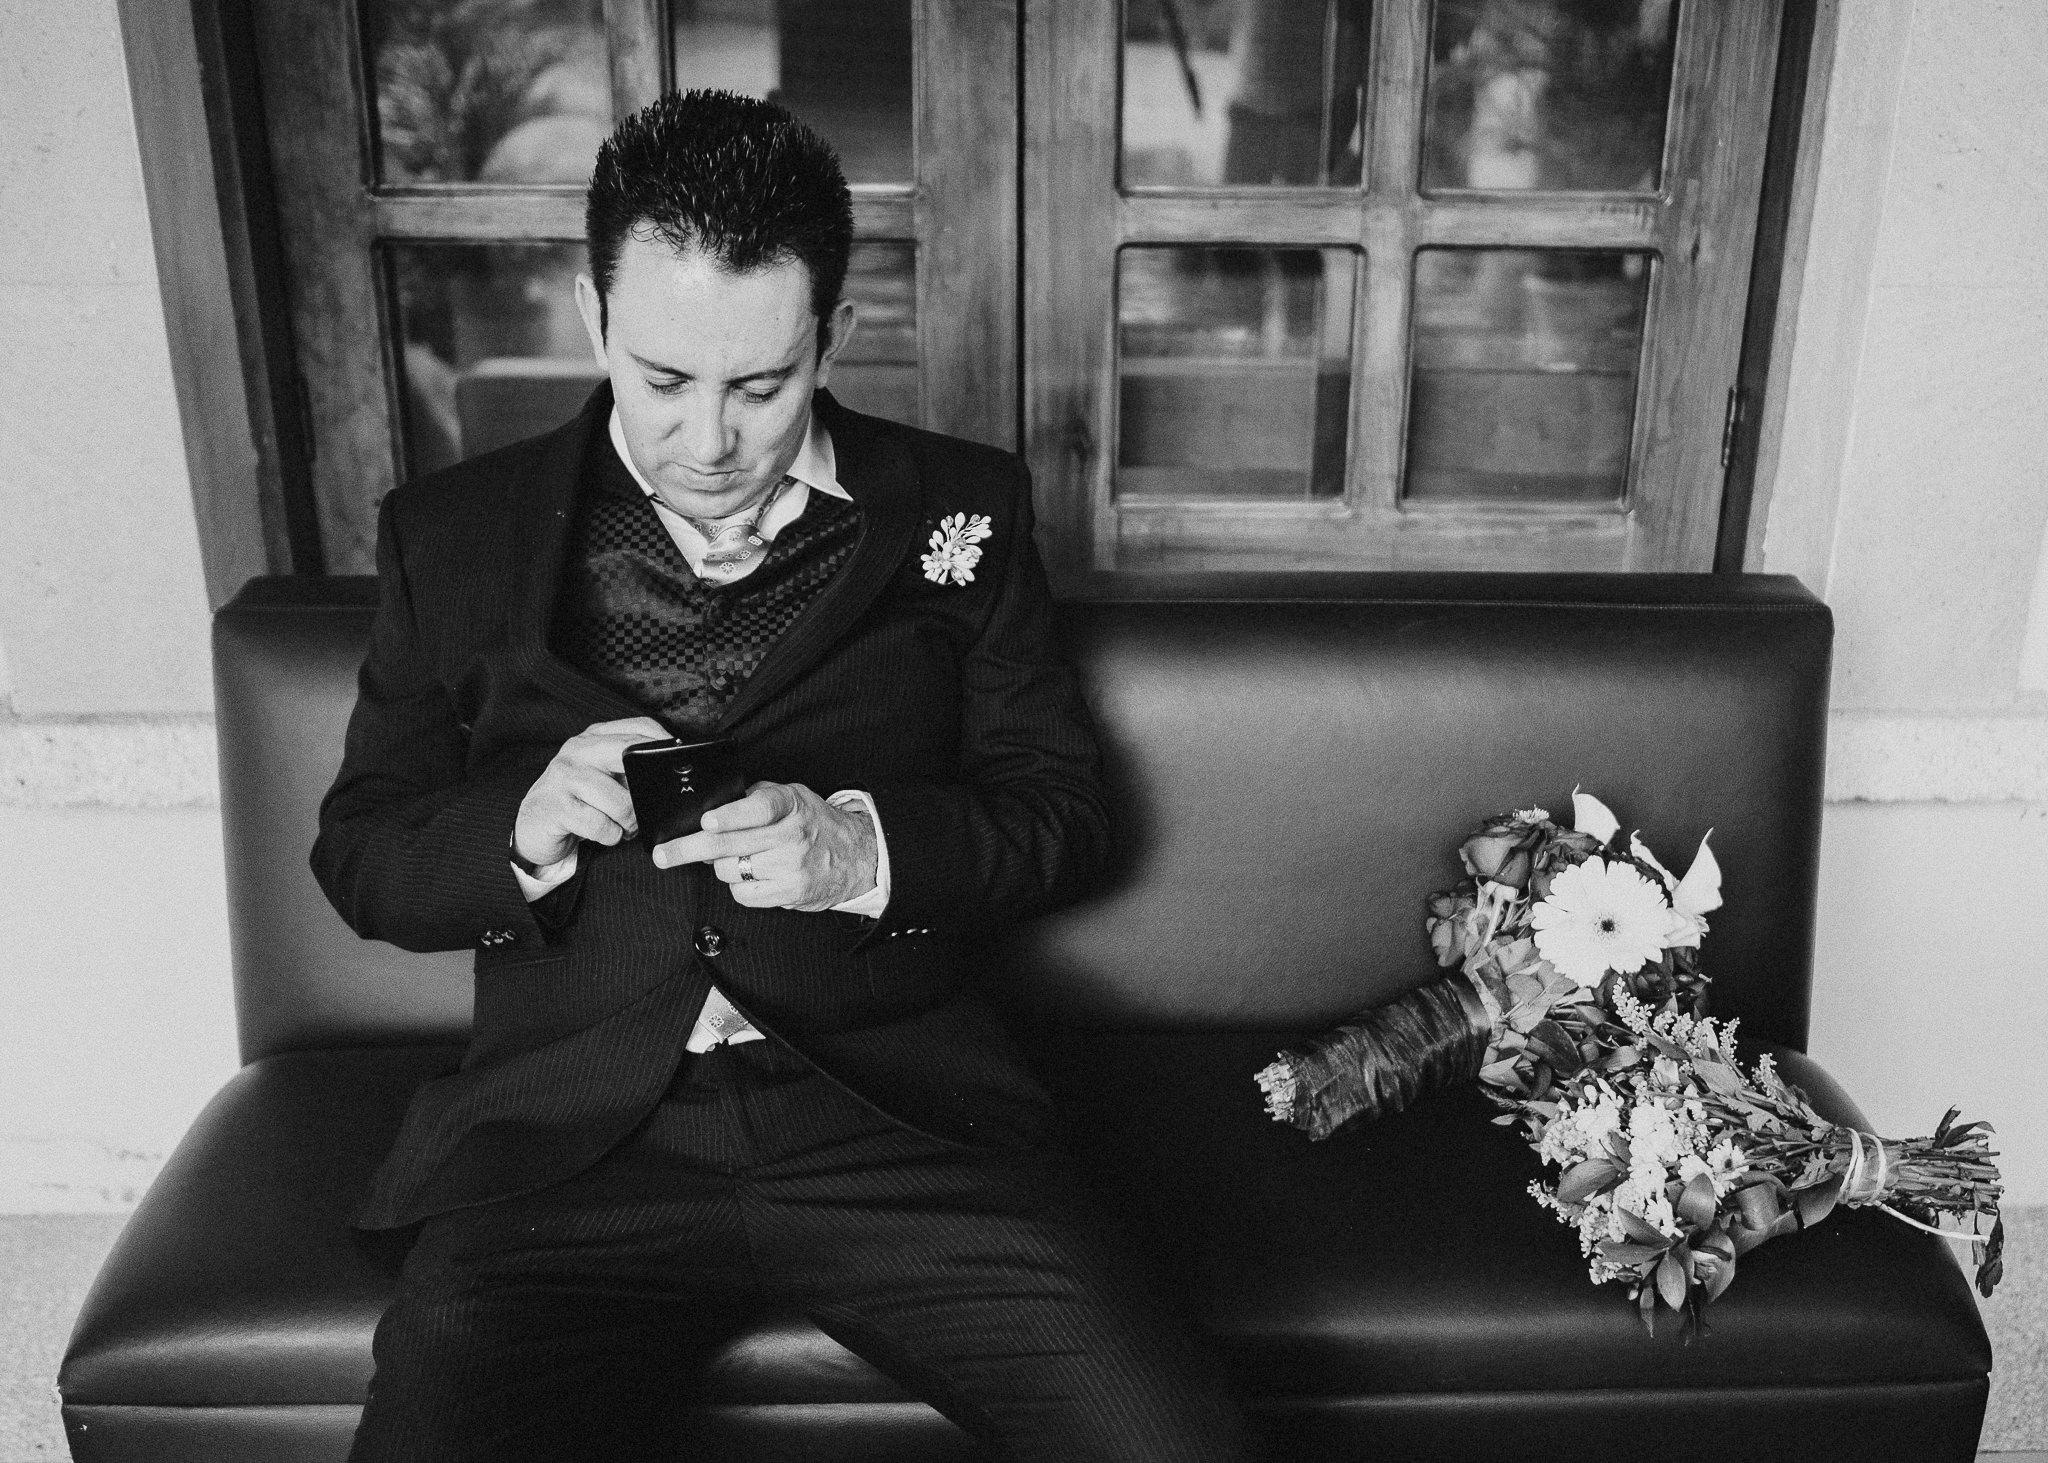 03boda-en-jardin-wedding-hacienda-los-cuartos-fotografo-luis-houdin79